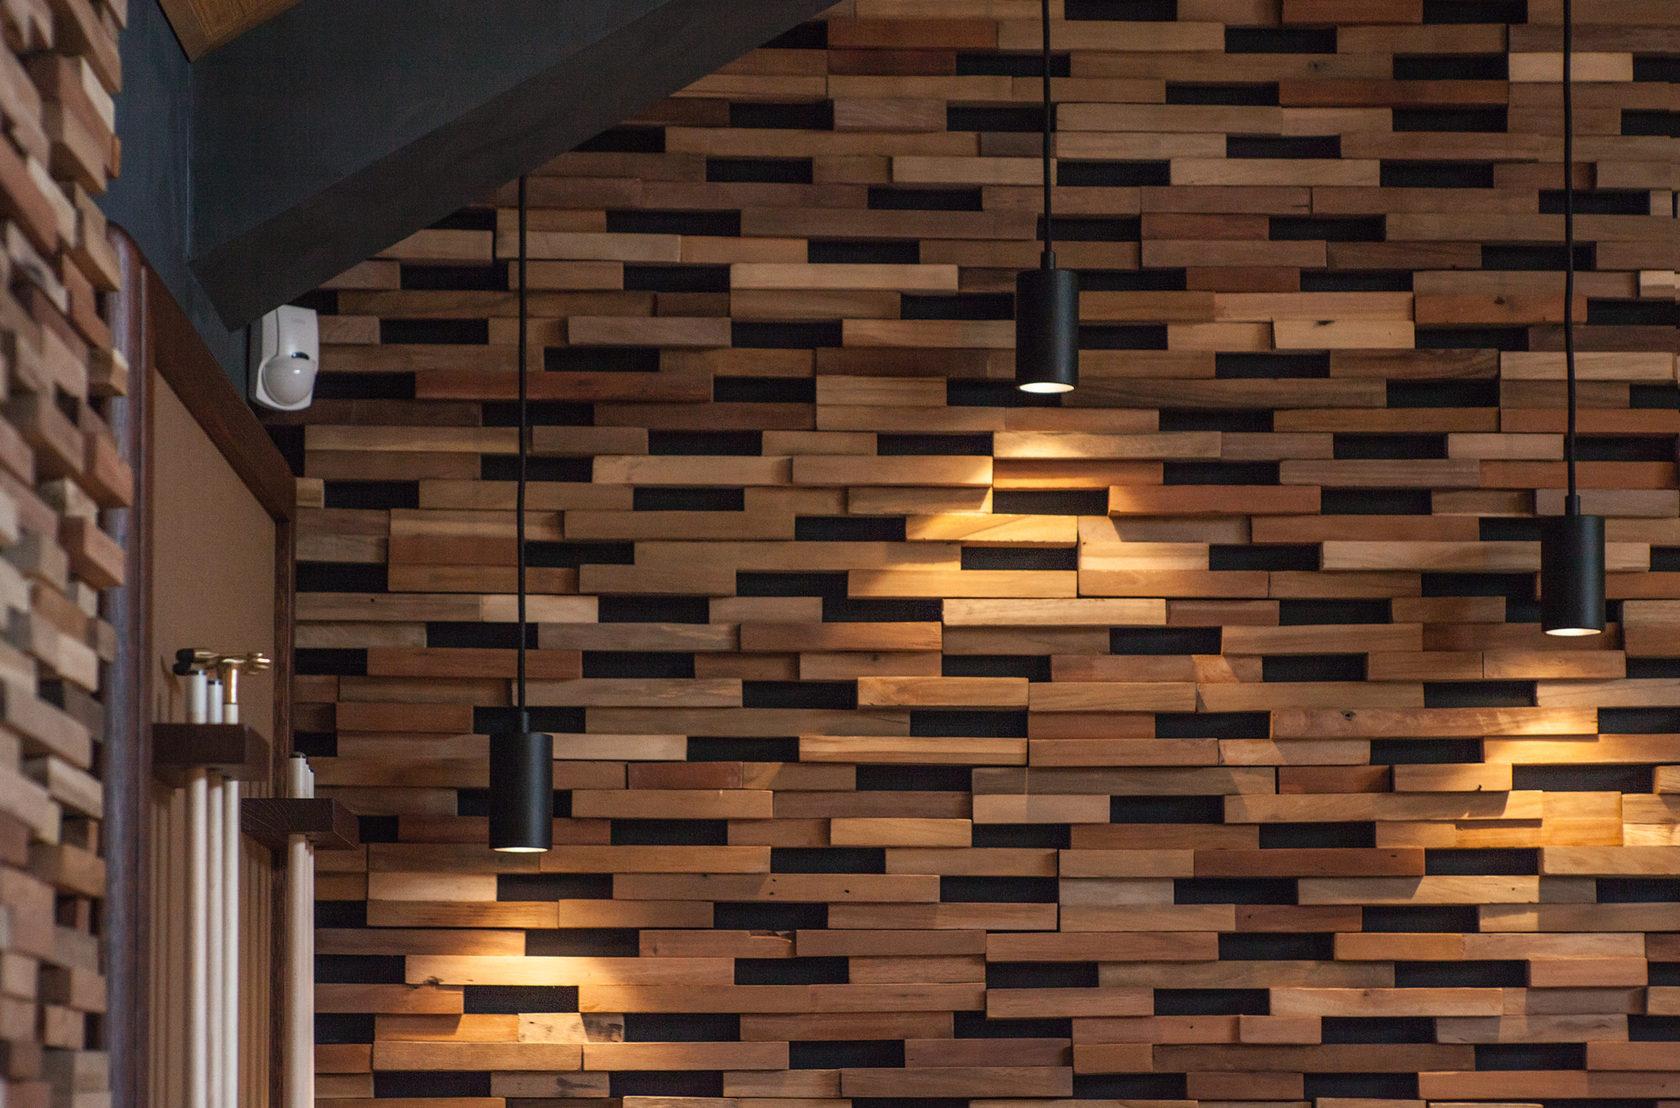 освещение по датчикам движения в умном доме